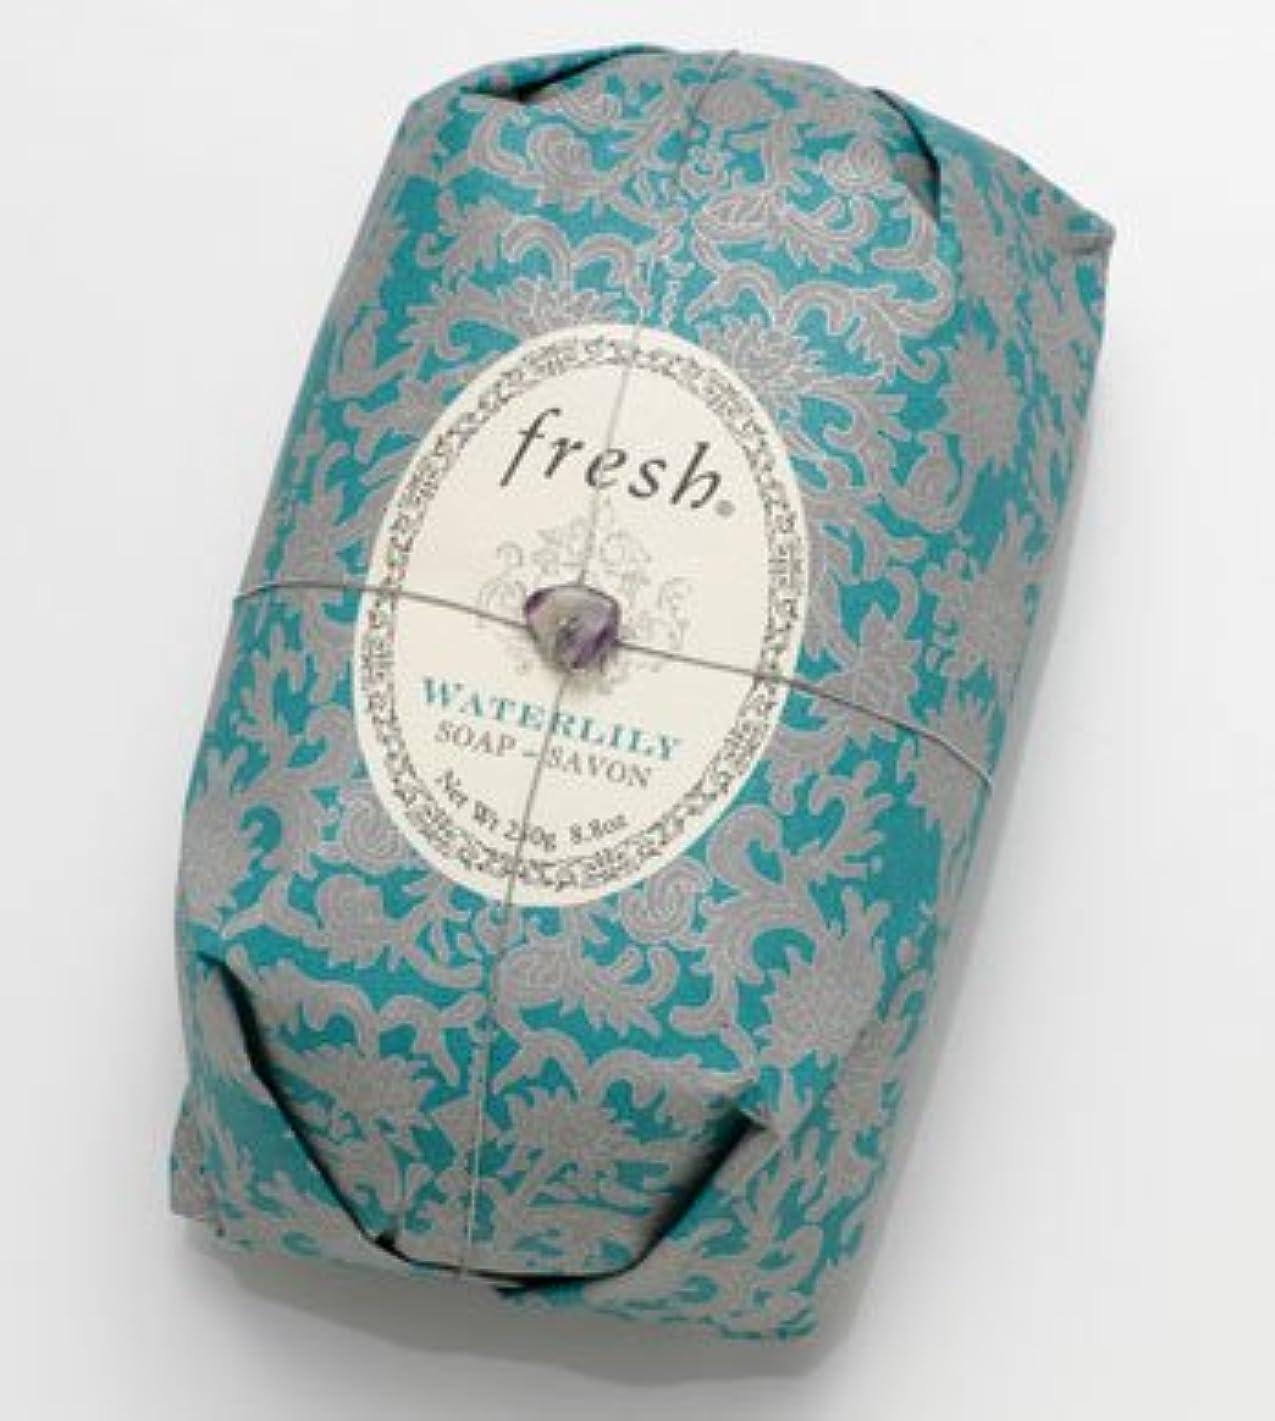 保険ミリメーター部屋を掃除するFresh WATERLILY SOAP (フレッシュ ウオーターリリー ソープ) 8.8 oz (250g) Soap (石鹸) by Fresh